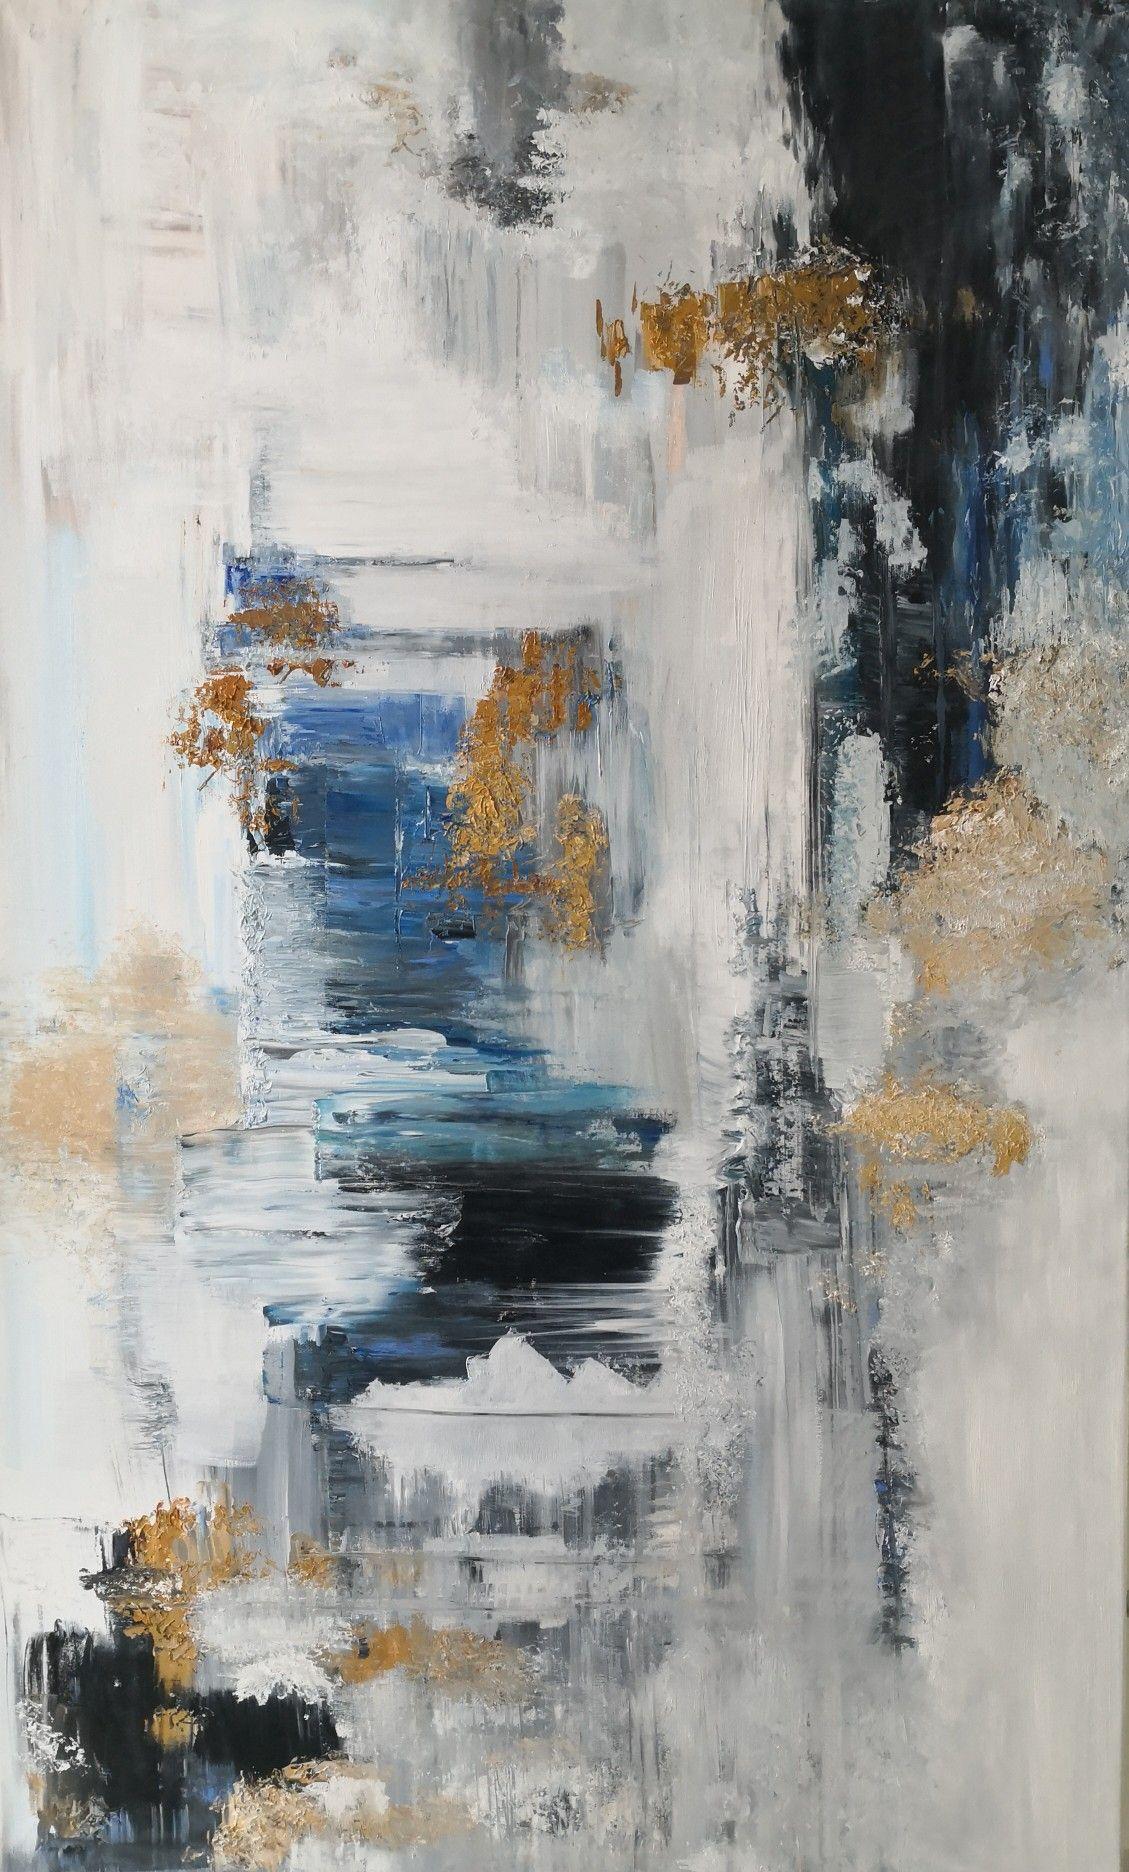 abstraktes bild ol auf leinwand claudia hollwedel abstrakt abstrakte bilder acryl malen speckstein skulpturen